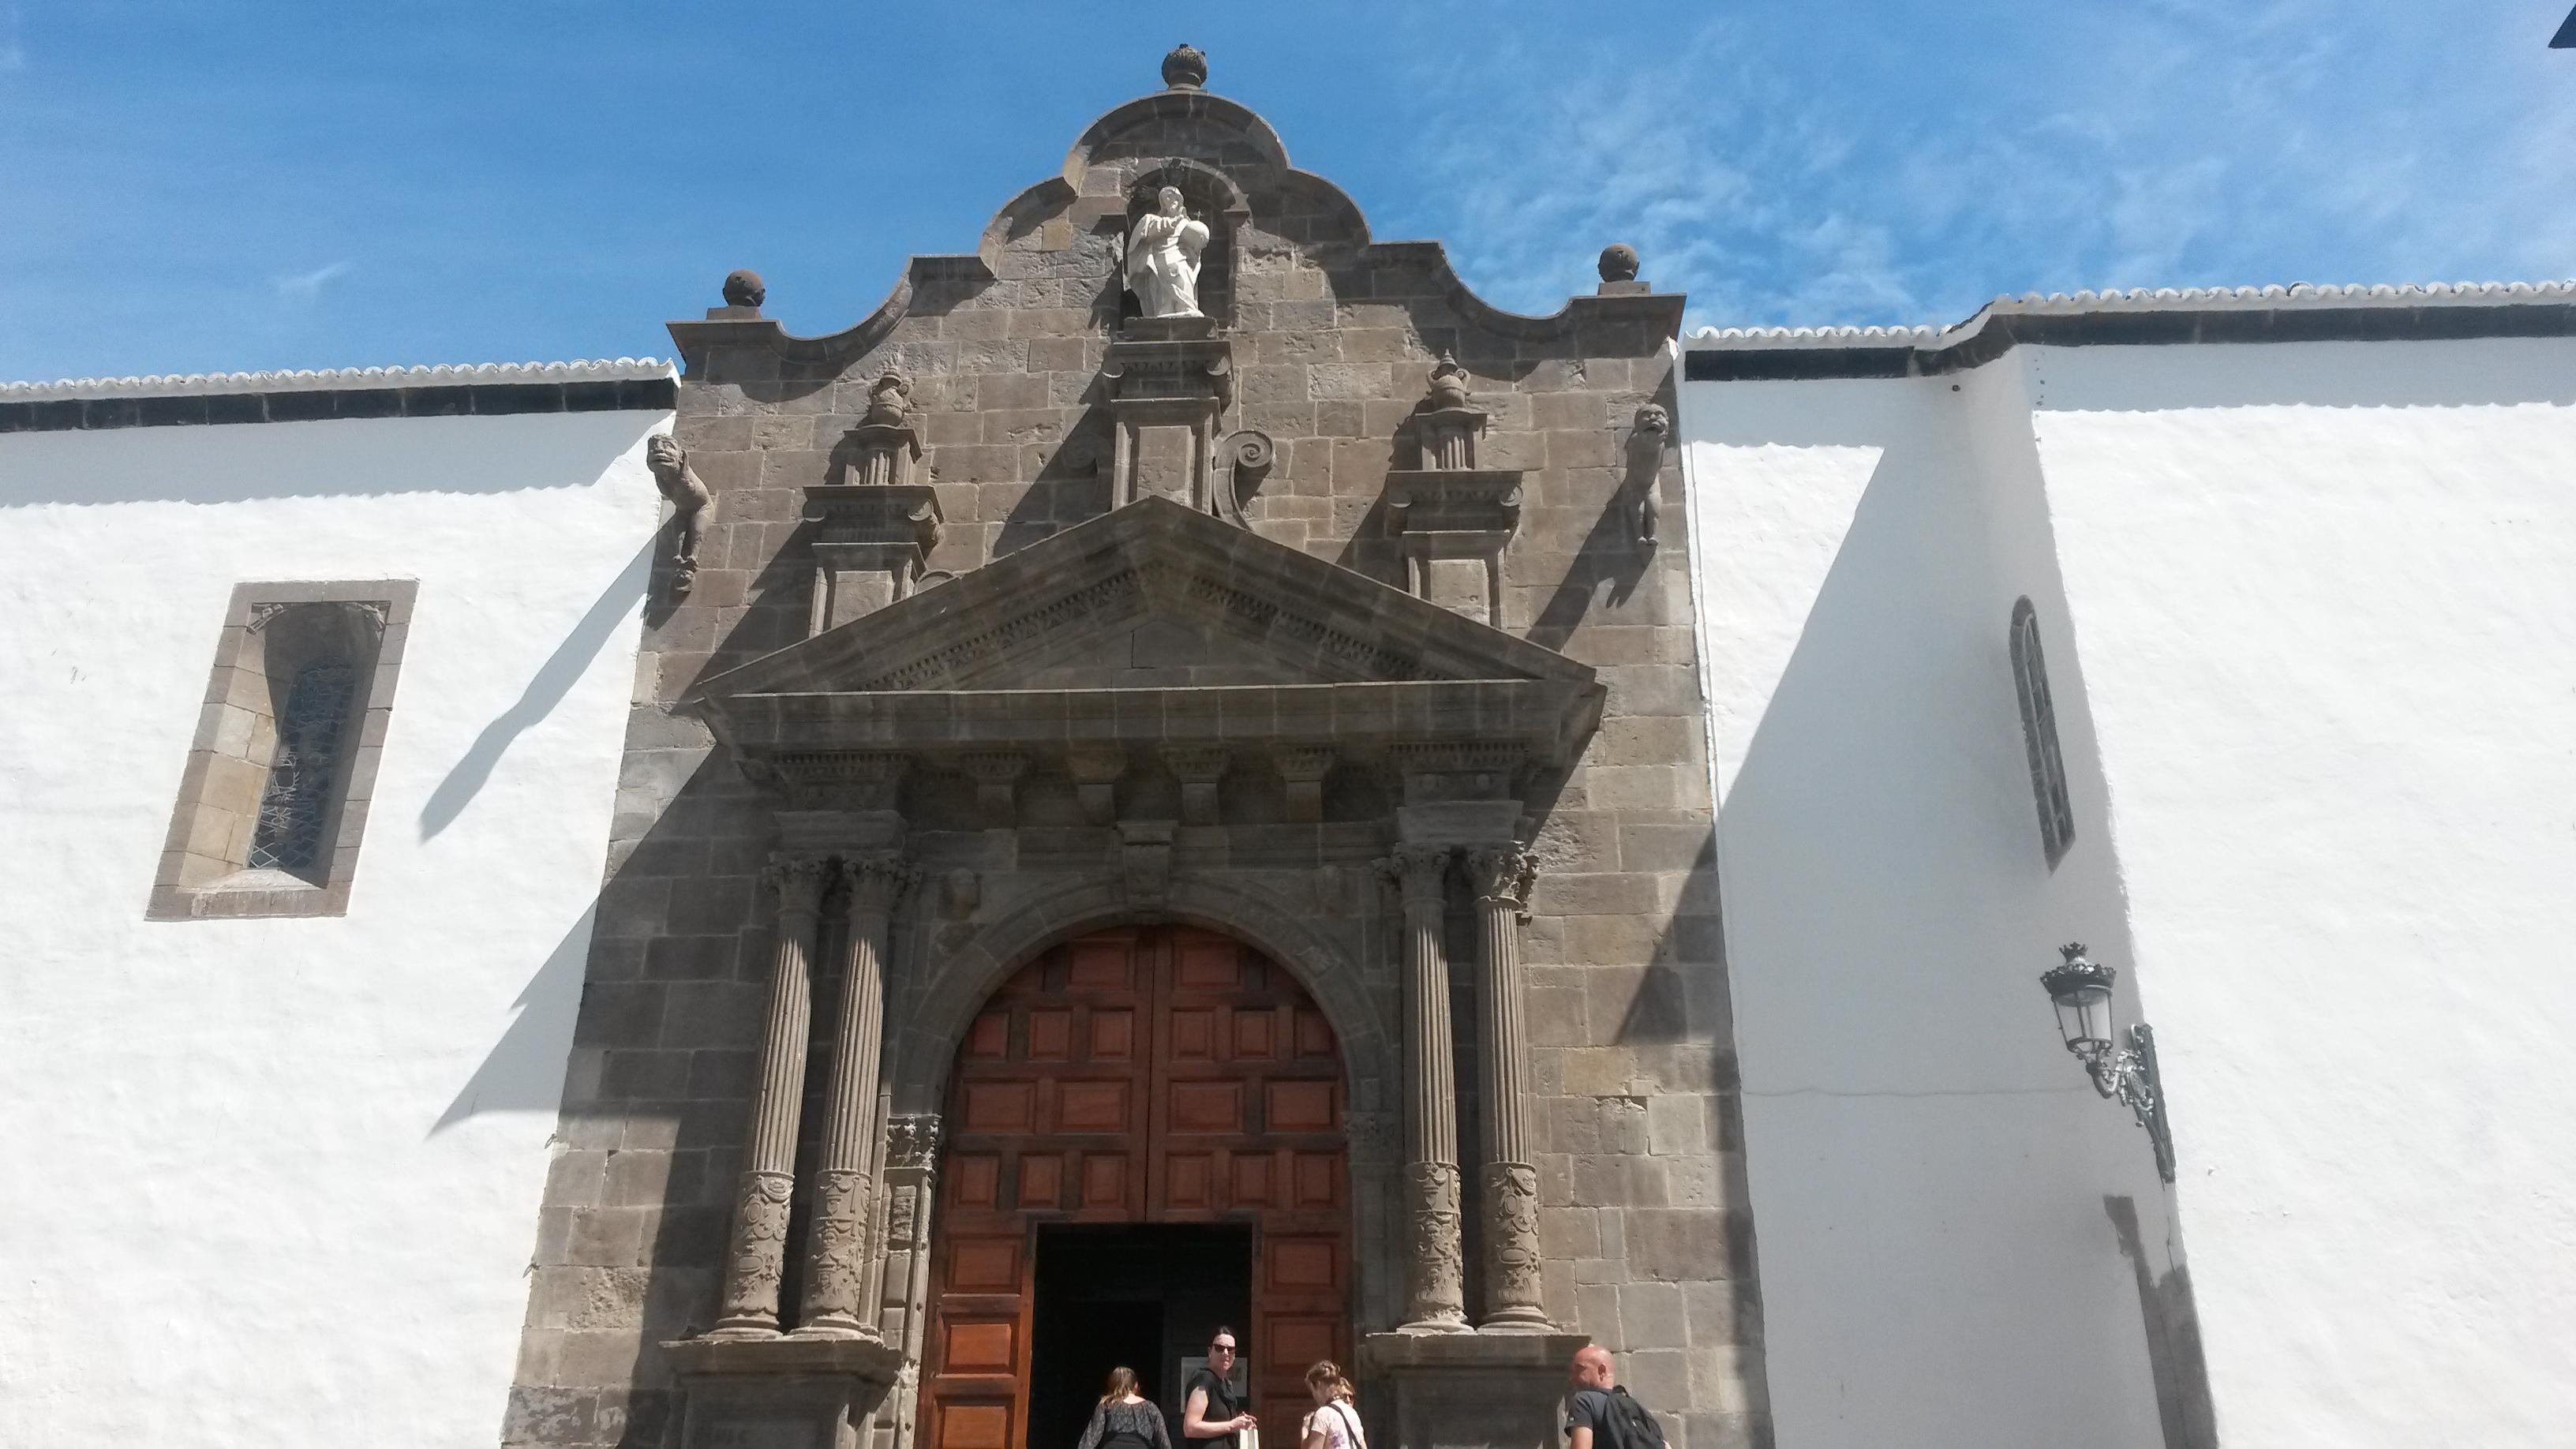 Portal Die Iglesia de El Salvador Santa Cruz de La Palma, eine der bekanntesten Sehenswürdigkeiten